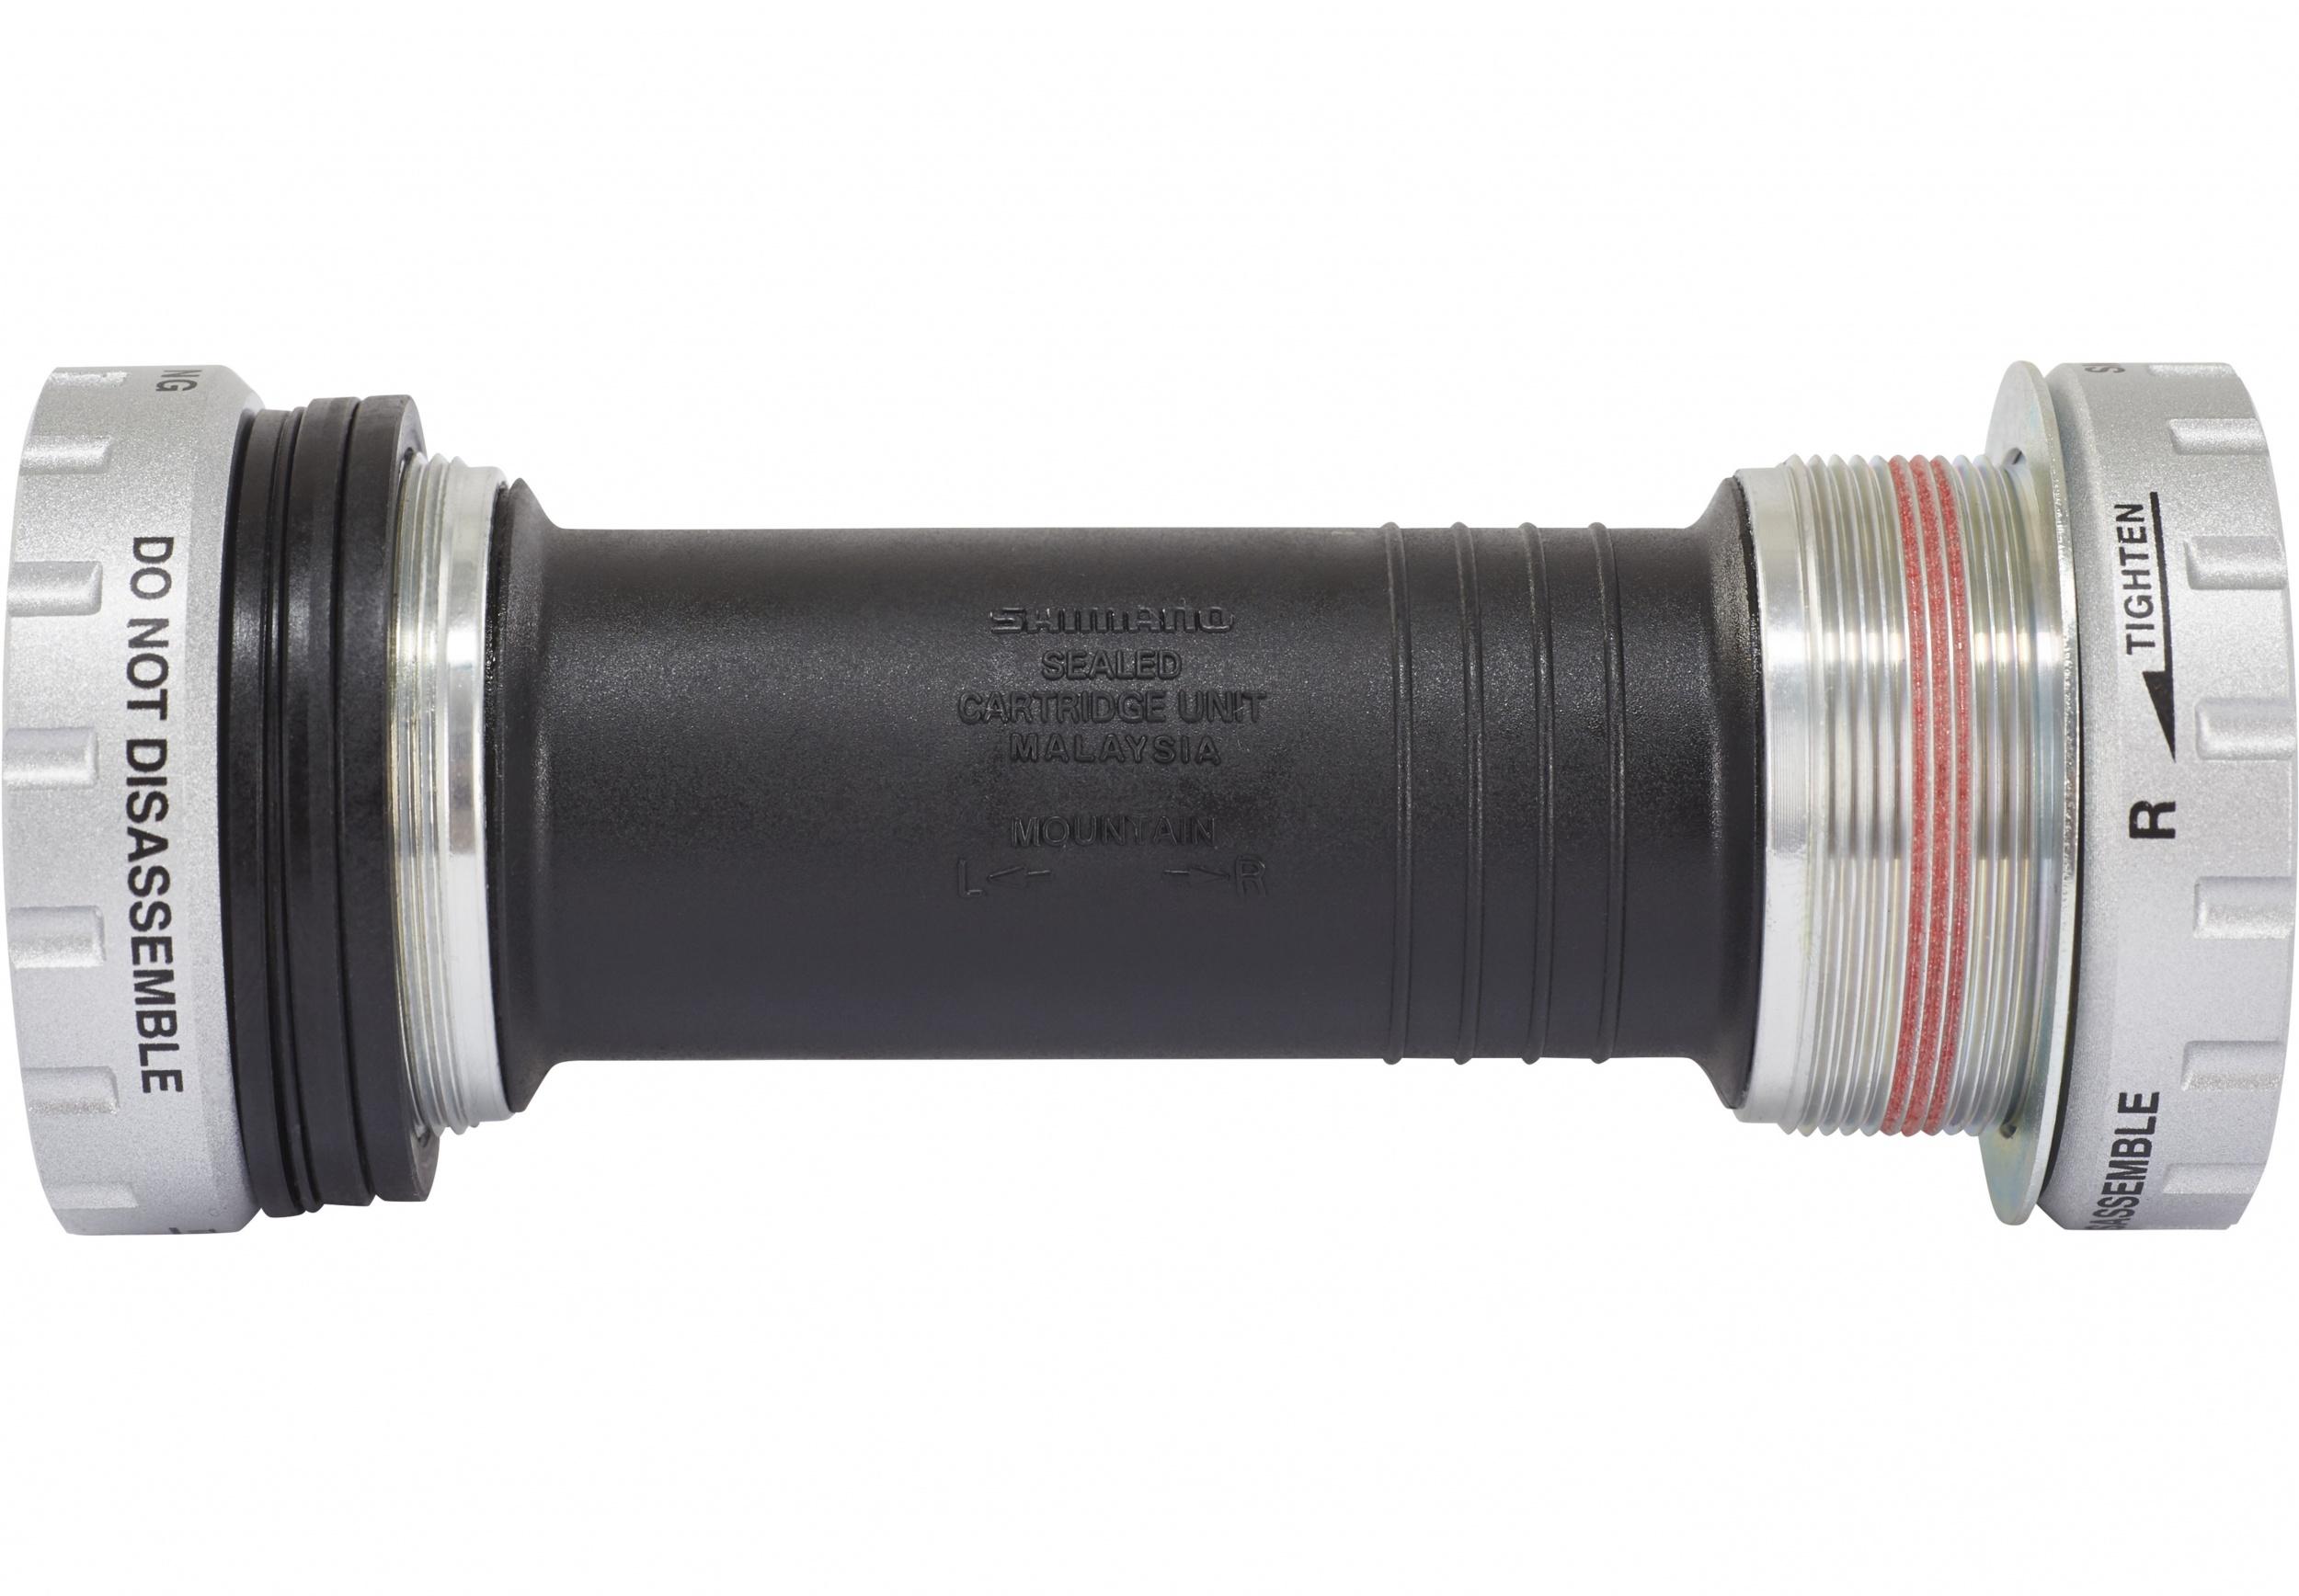 edb17b8e7e2 Shimano bottom bracket Deore BB52 BSA 83 x 44 mm black/silver. Enlarge